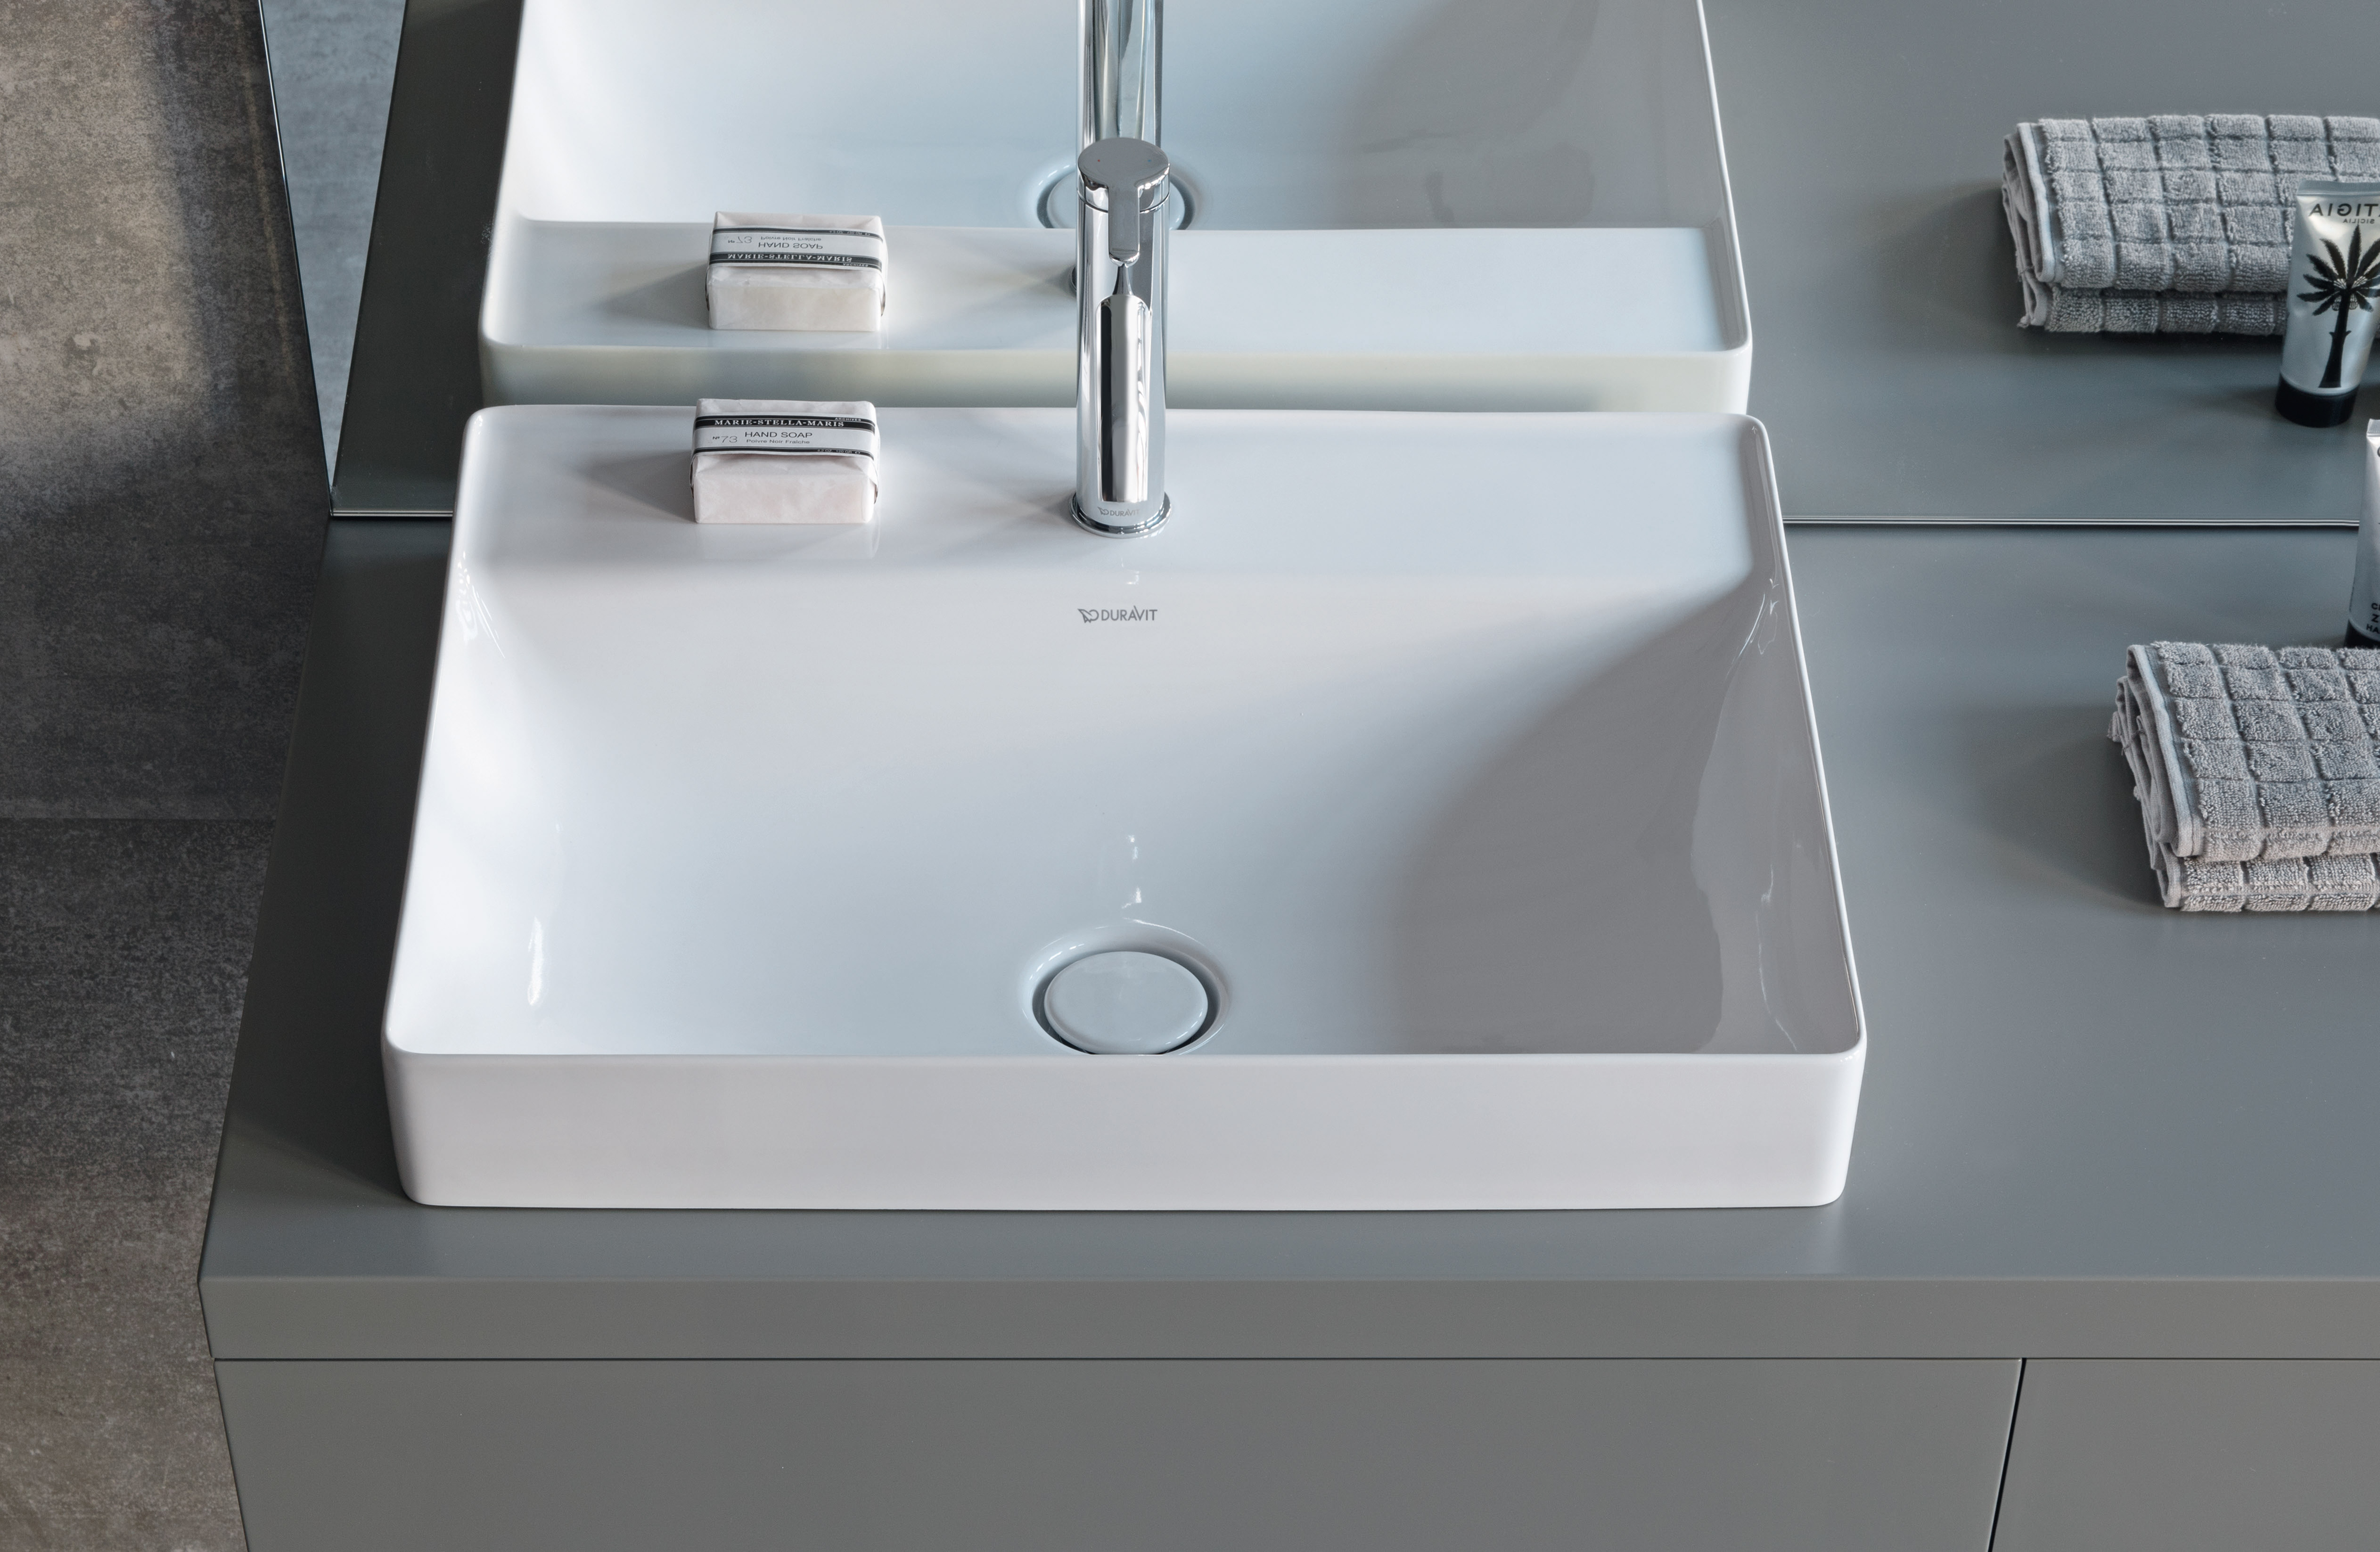 duravit durasquare meubles de salle de bains baignoires wcs bien plus duravit. Black Bedroom Furniture Sets. Home Design Ideas